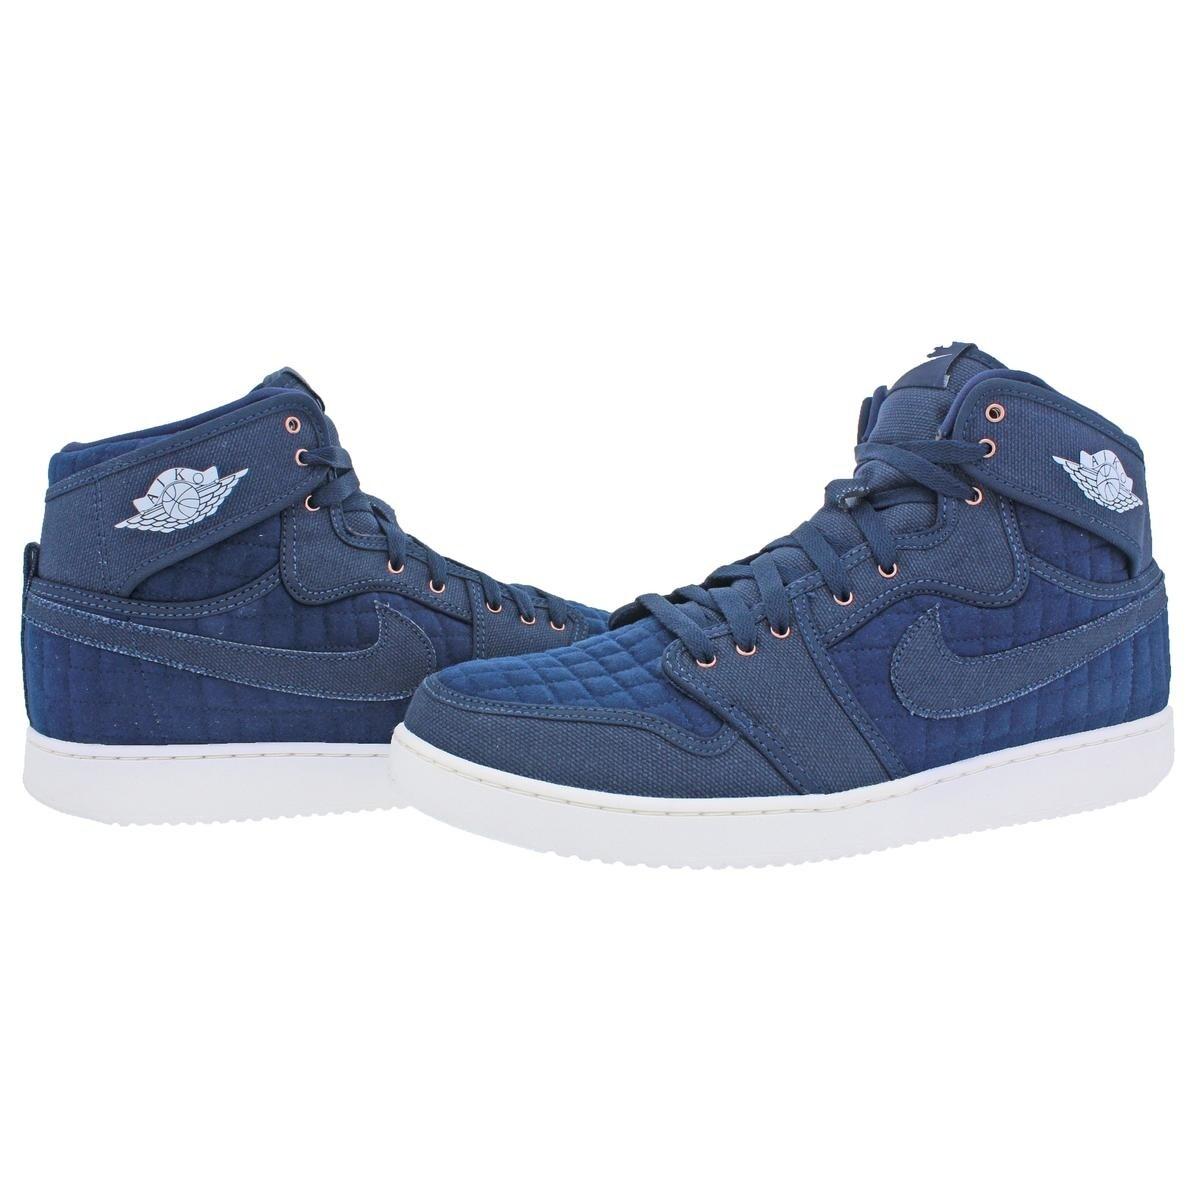 official photos bdbc3 f2da2 ... usa shop nike mens air jordan 1 ko high og basketball shoes retro  performance free shipping